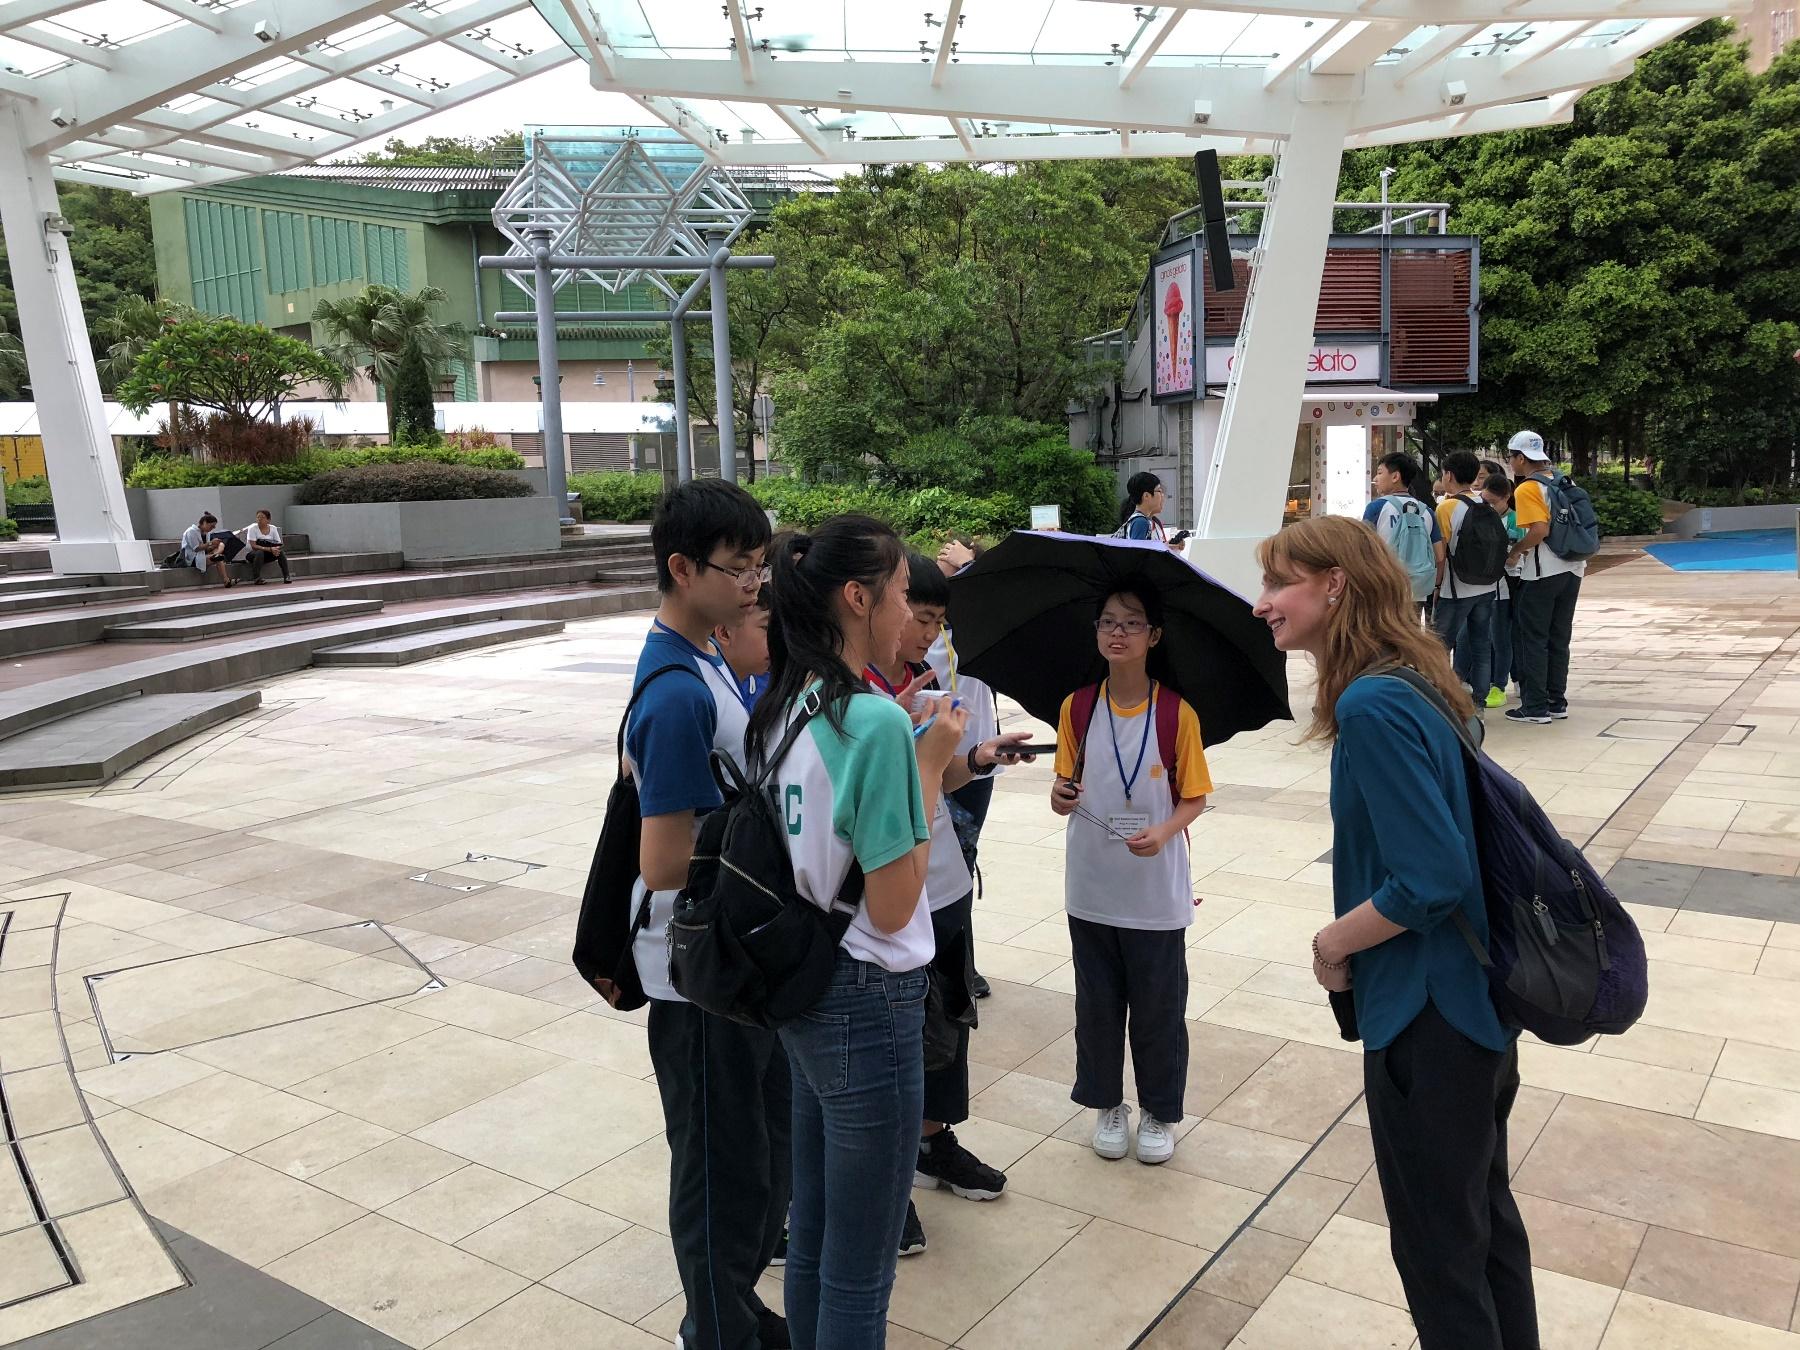 http://npc.edu.hk/sites/default/files/1f6cf02e-7ca1-42e6-9173-11925227b6b3.jpeg